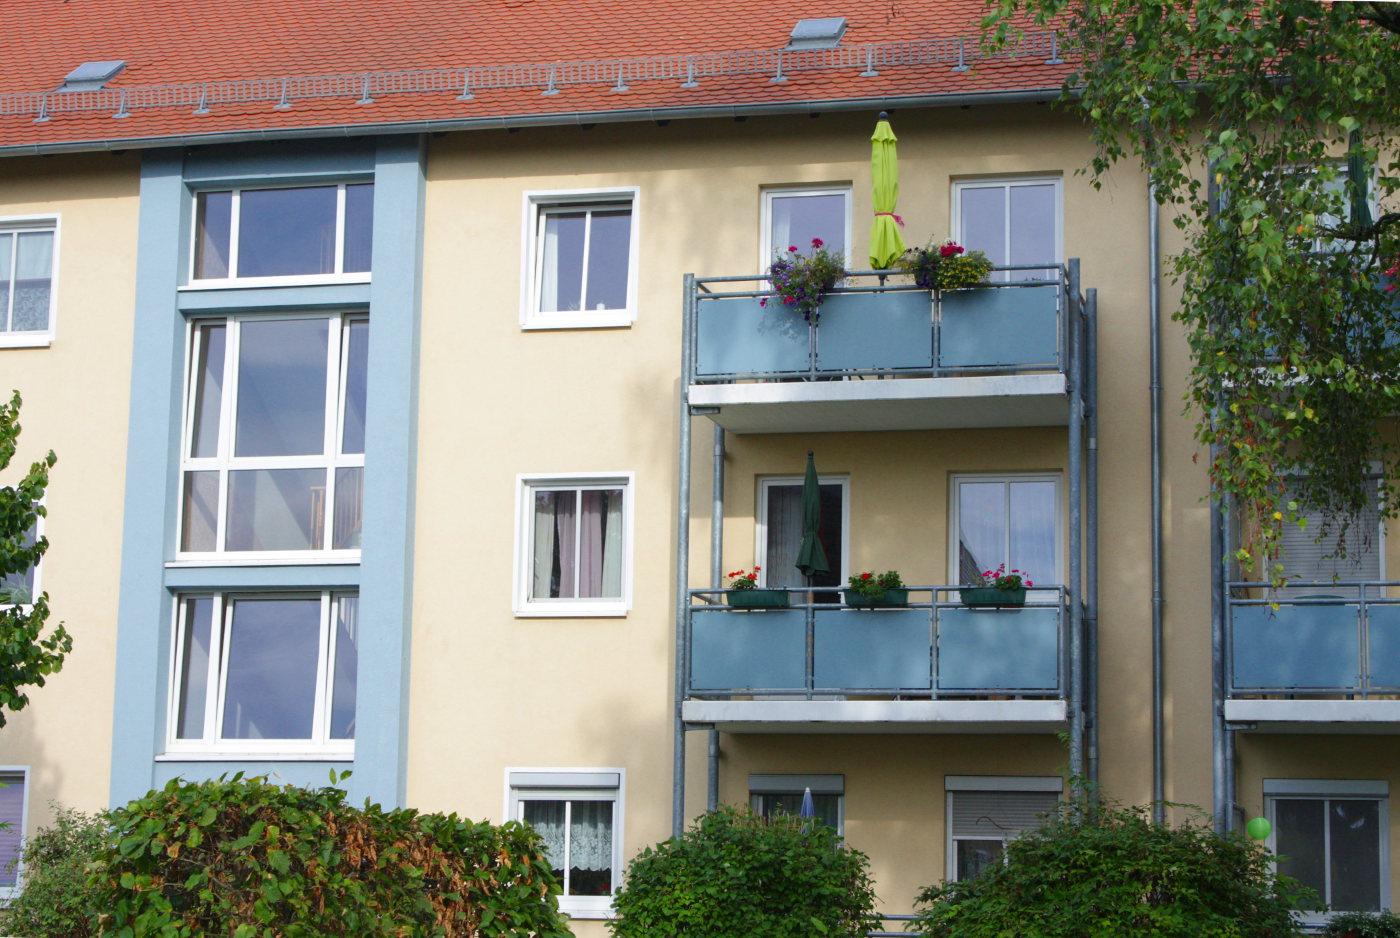 Balkon Sichtschutz Holz Selber Bauen Top Sichtschutz Fr Balkon